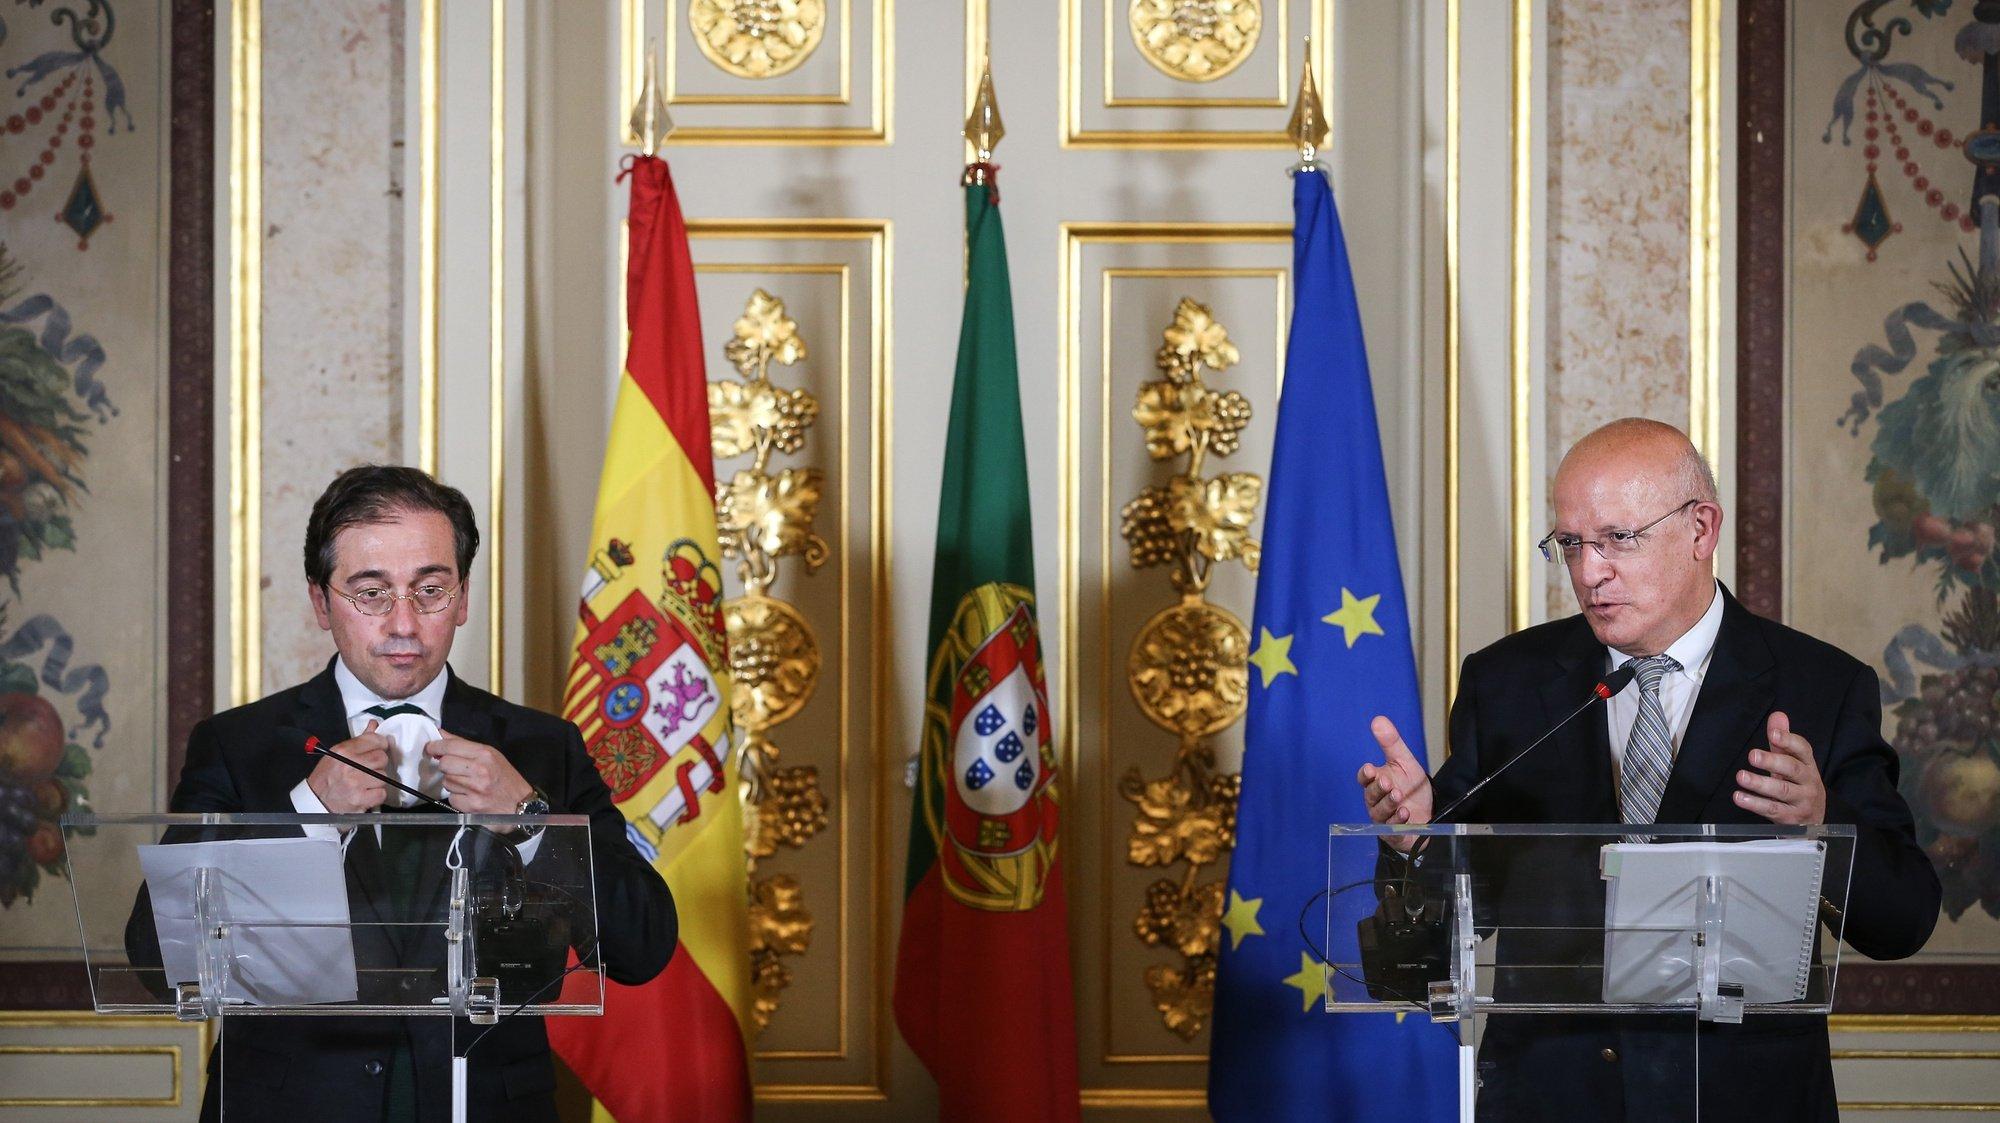 O ministro de Estado e dos Negócios Estrangeiros, Augusto Santos Silva (D), acompanhado pelo seu homólogo de Espanha, José Manuel Albares (E), intervém numa conferencia de imprensa após uma reunião de trabalho onde foram abordados tópicos das relações bilaterais, nomeadamente o início da preparação da próxima Cimeira Luso-Espanhola, bem como a coordenação em matéria de Covid-19, a recuperação económica europeia e temas da agenda internacional, como a situação na Venezuela, em Moçambique ou no Sahel, em Lisboa, 04 de agosto de 2021.  RODRIGO ANTUNES/LUSA